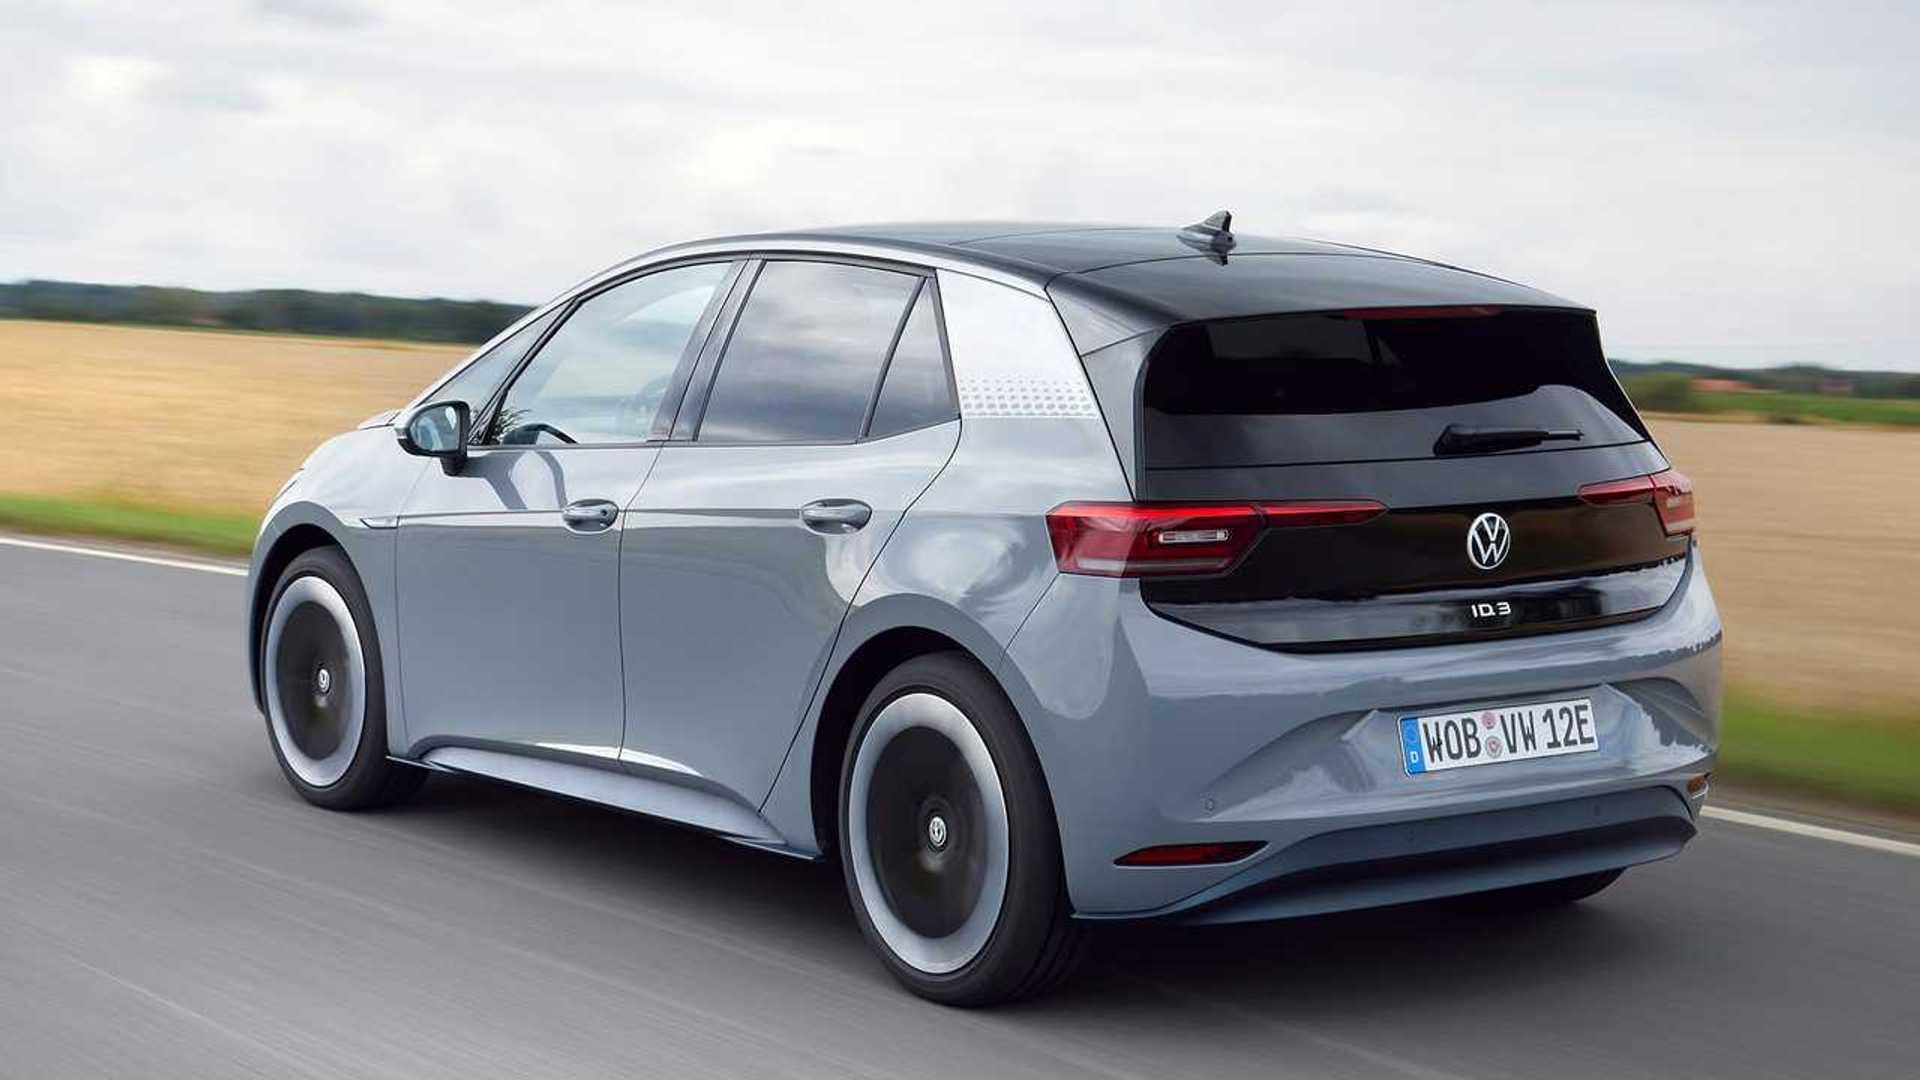 VW ID.3 (2020) im Test: Volts Wagen